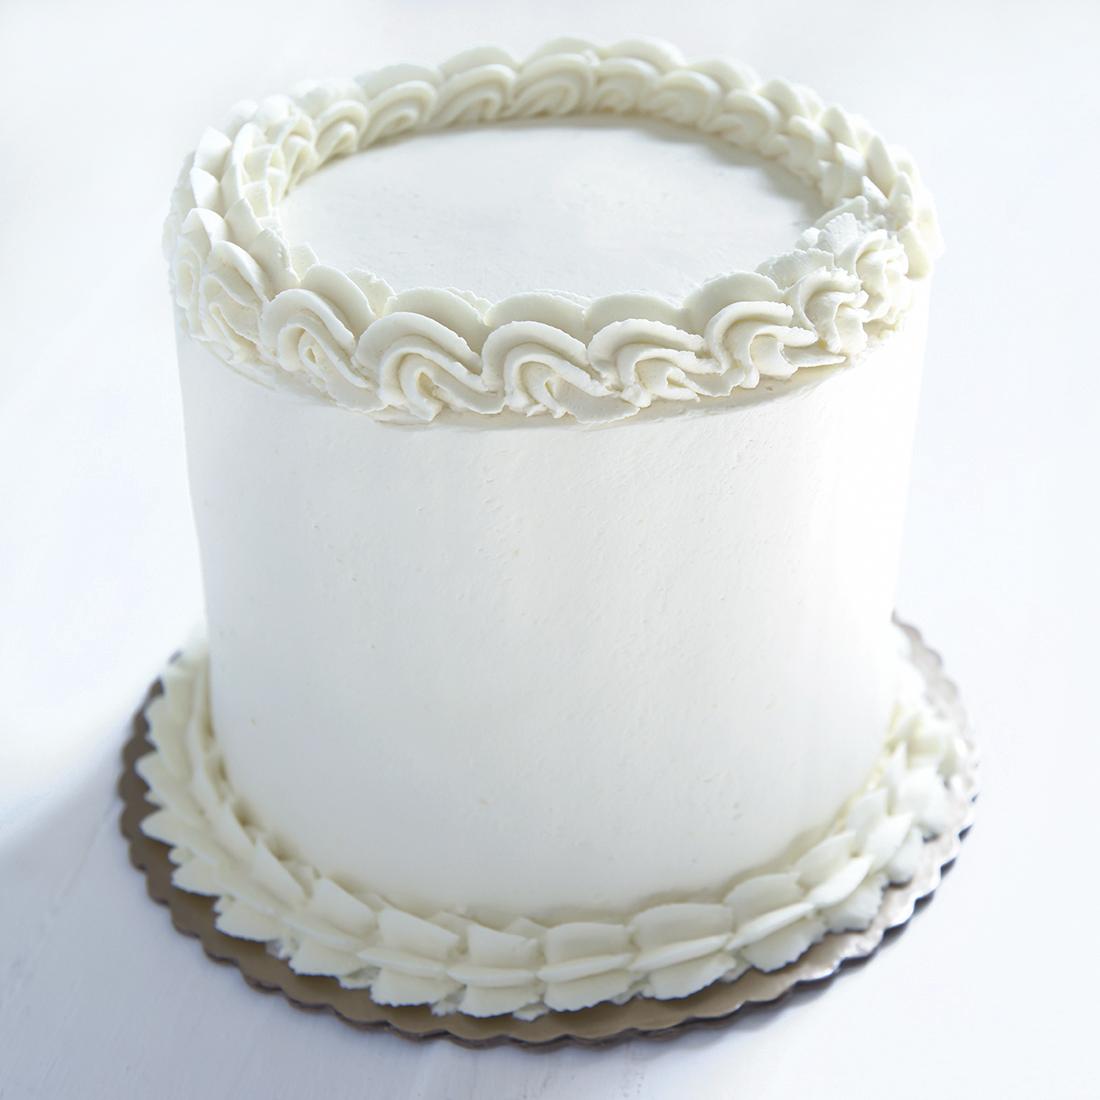 Red Velvet - Traditional red velvet cake, cream cheese filling, vanilla buttercream frosting6